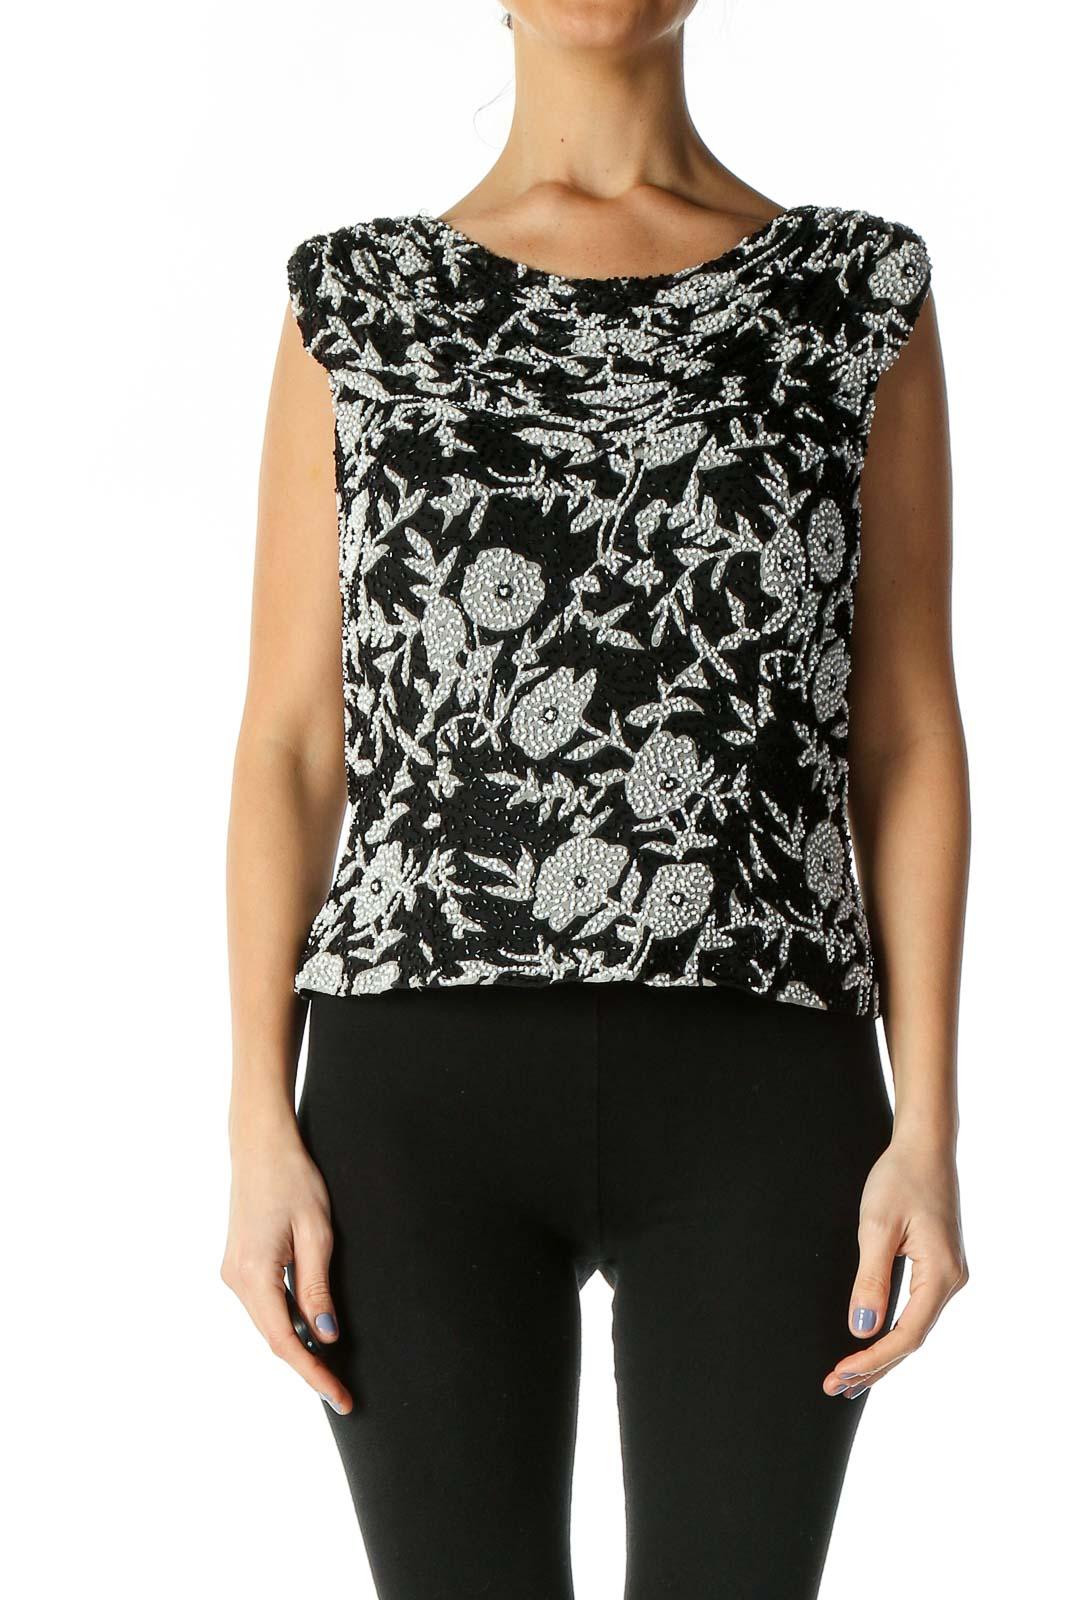 Black Sequin Graphic Bohemian Blouse Front